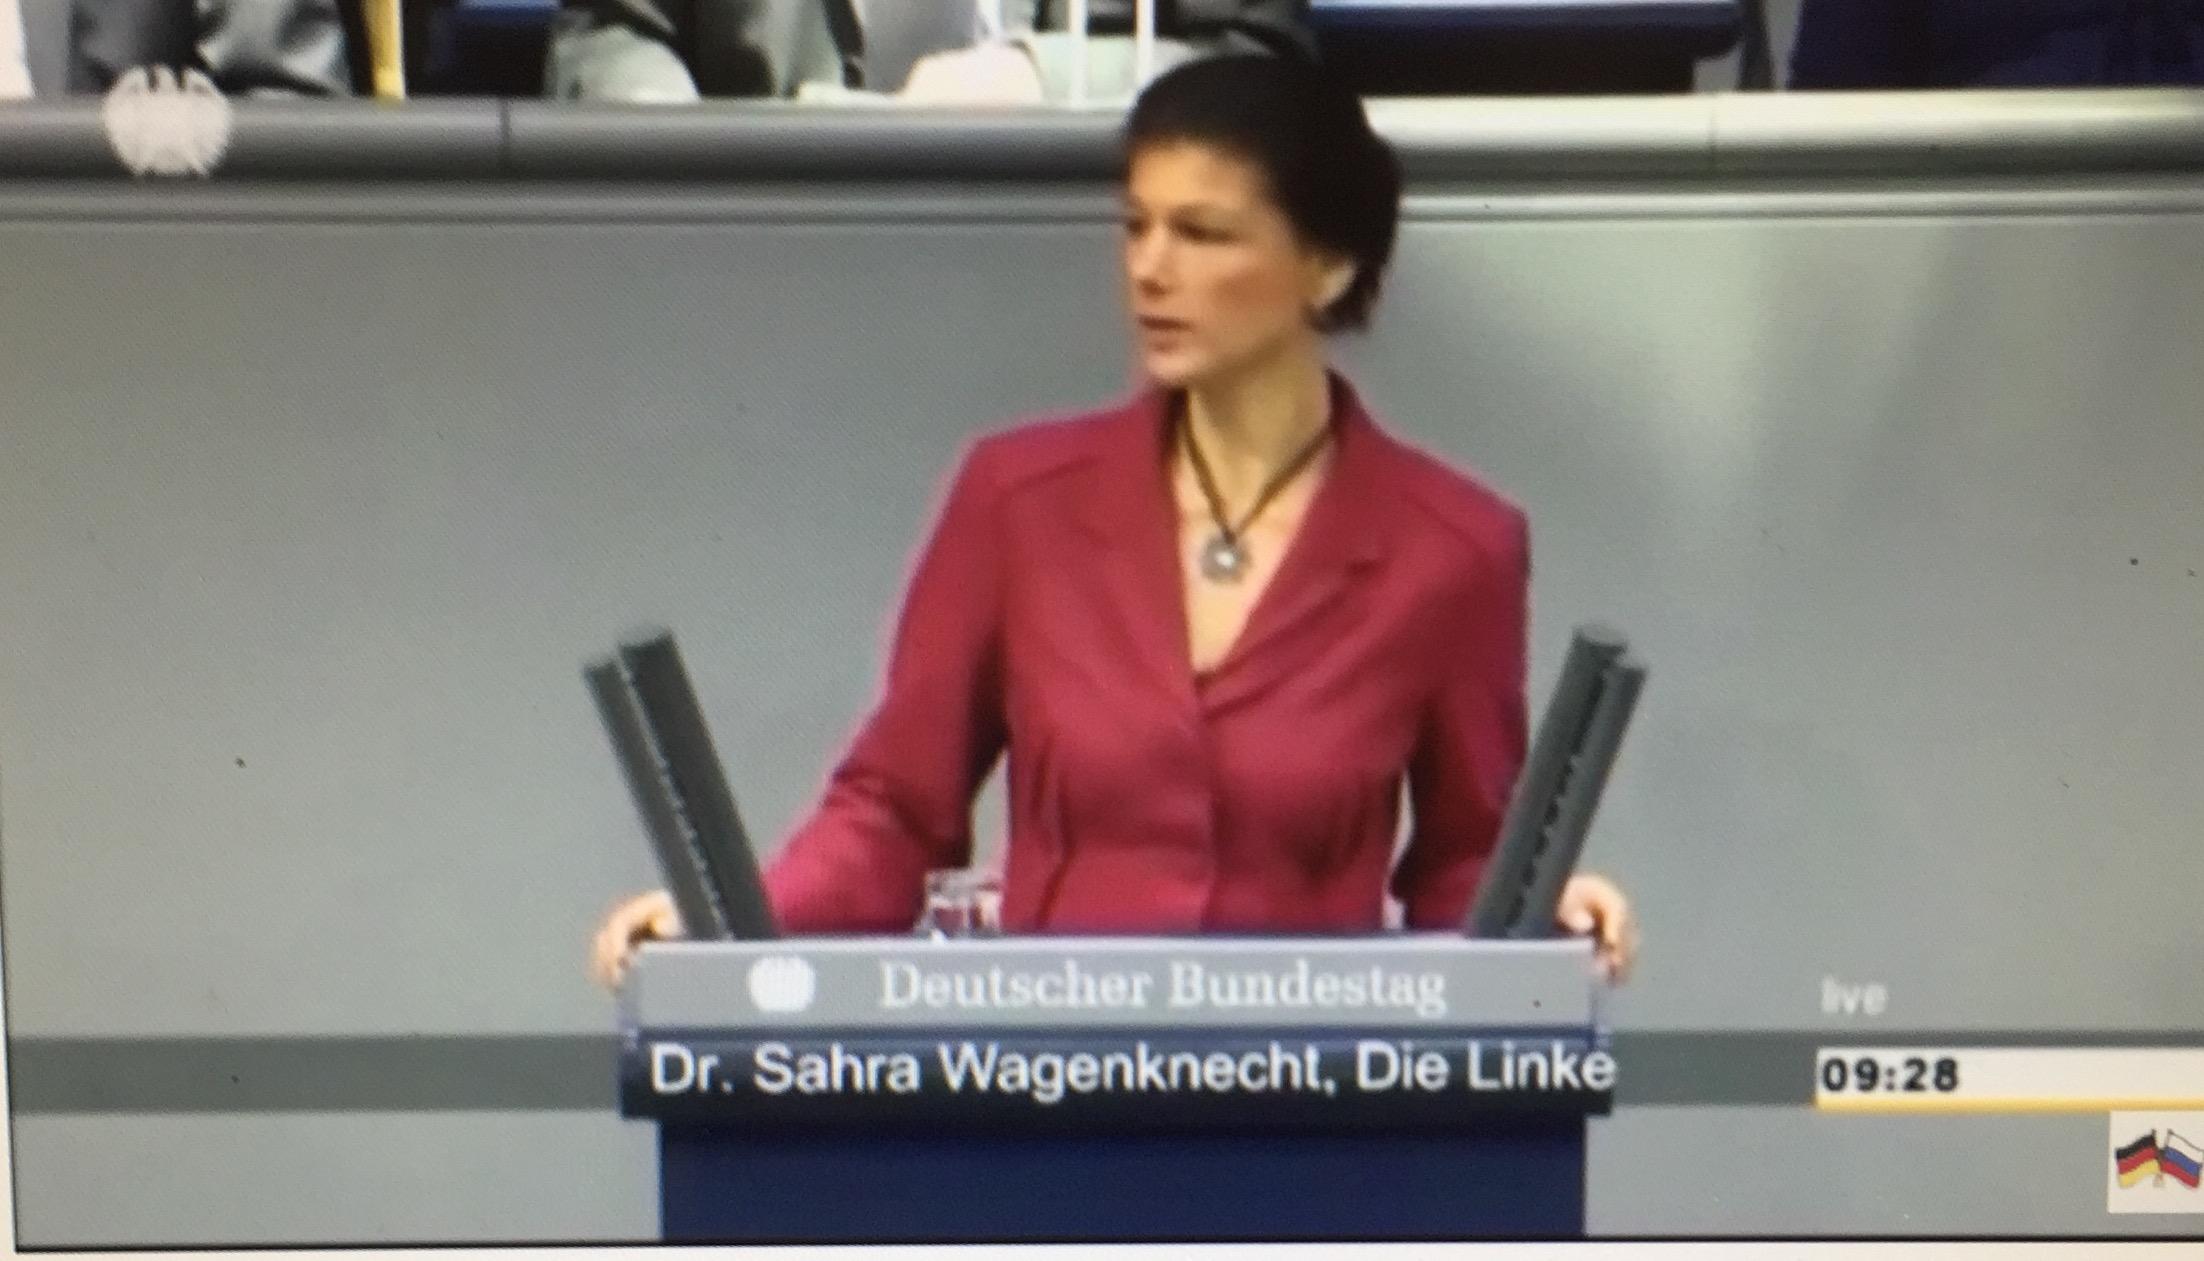 """Sahra Wagenknecht: """"Die NATO auflösen und durch ein kollektives Sicherheitssystem unter Einbeziehung Russlands ersetzen."""""""